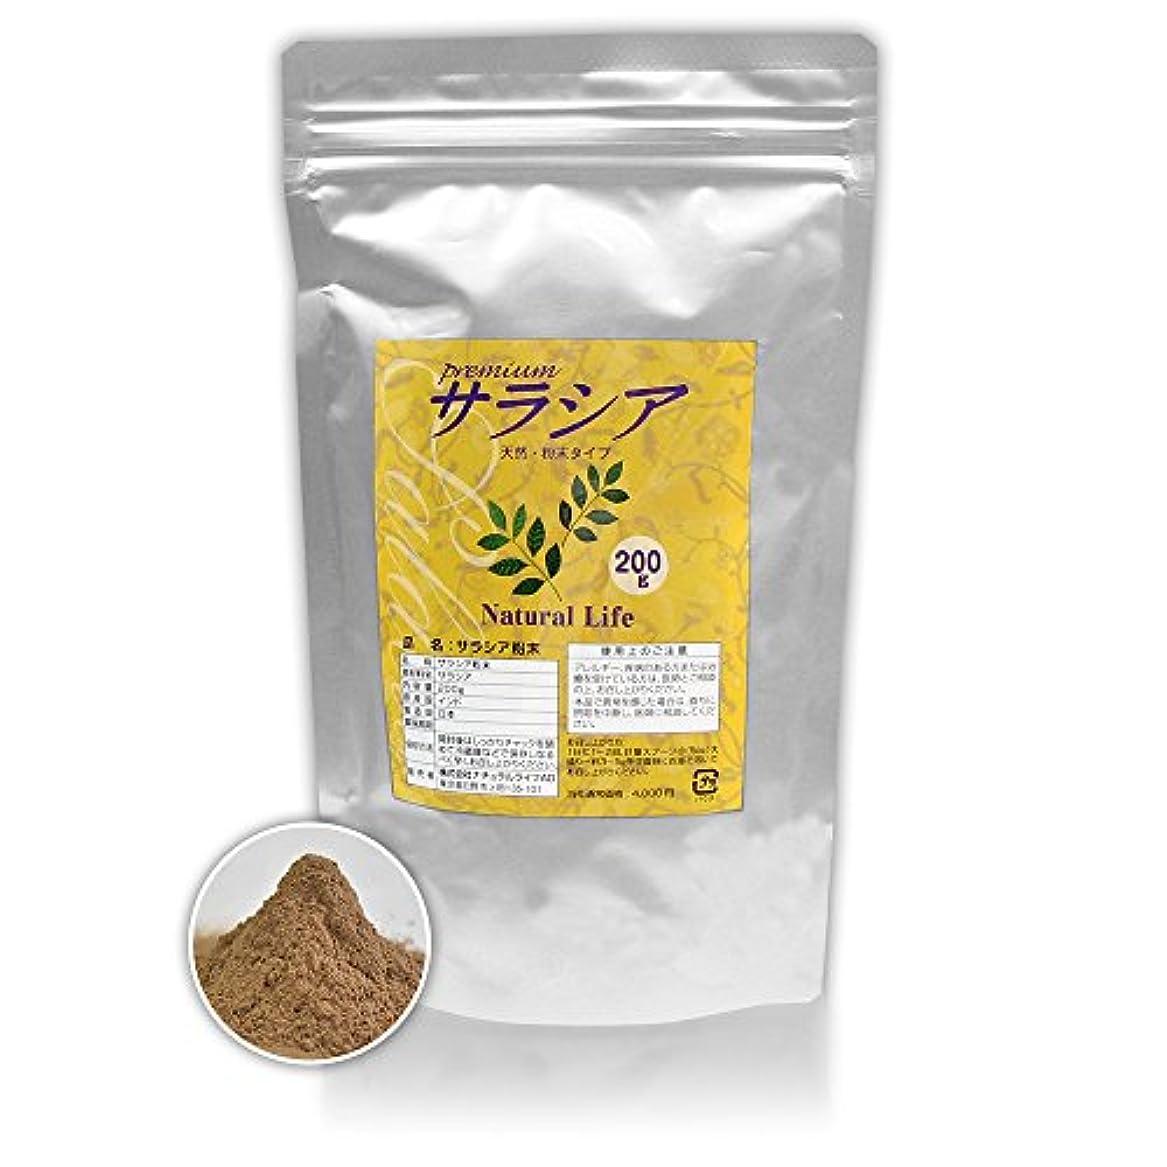 端末タッチ発揮するサラシア粉末[200g]天然ピュア原料(無添加)健康食品(さらしあ,レティキュラータ)